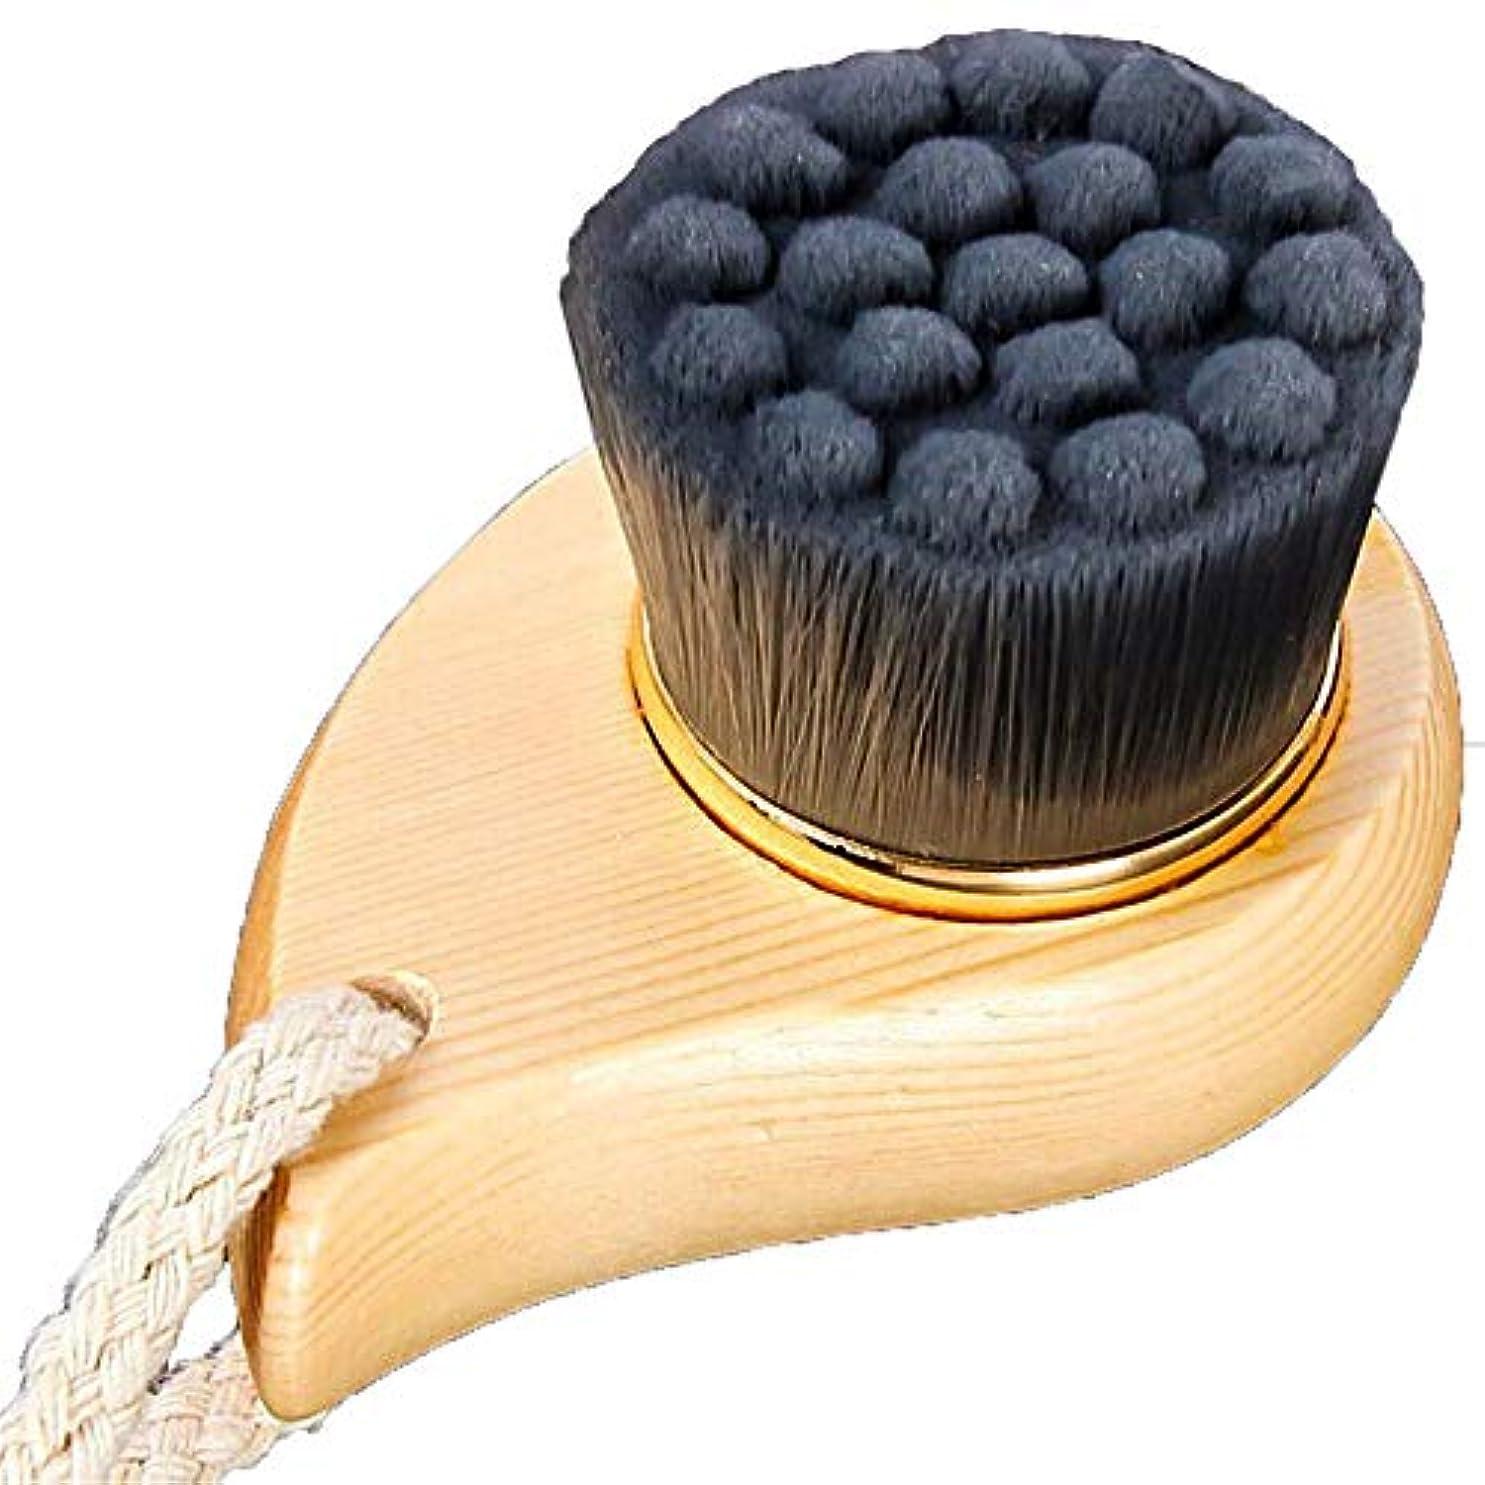 ビル達成可能抑止する洗顔ブラシ 深い毛穴のための柔らかい剛毛の表面クリーニングの美のブラシの清潔になることの美顔術のブラシ ディープクレンジングスキンケア用